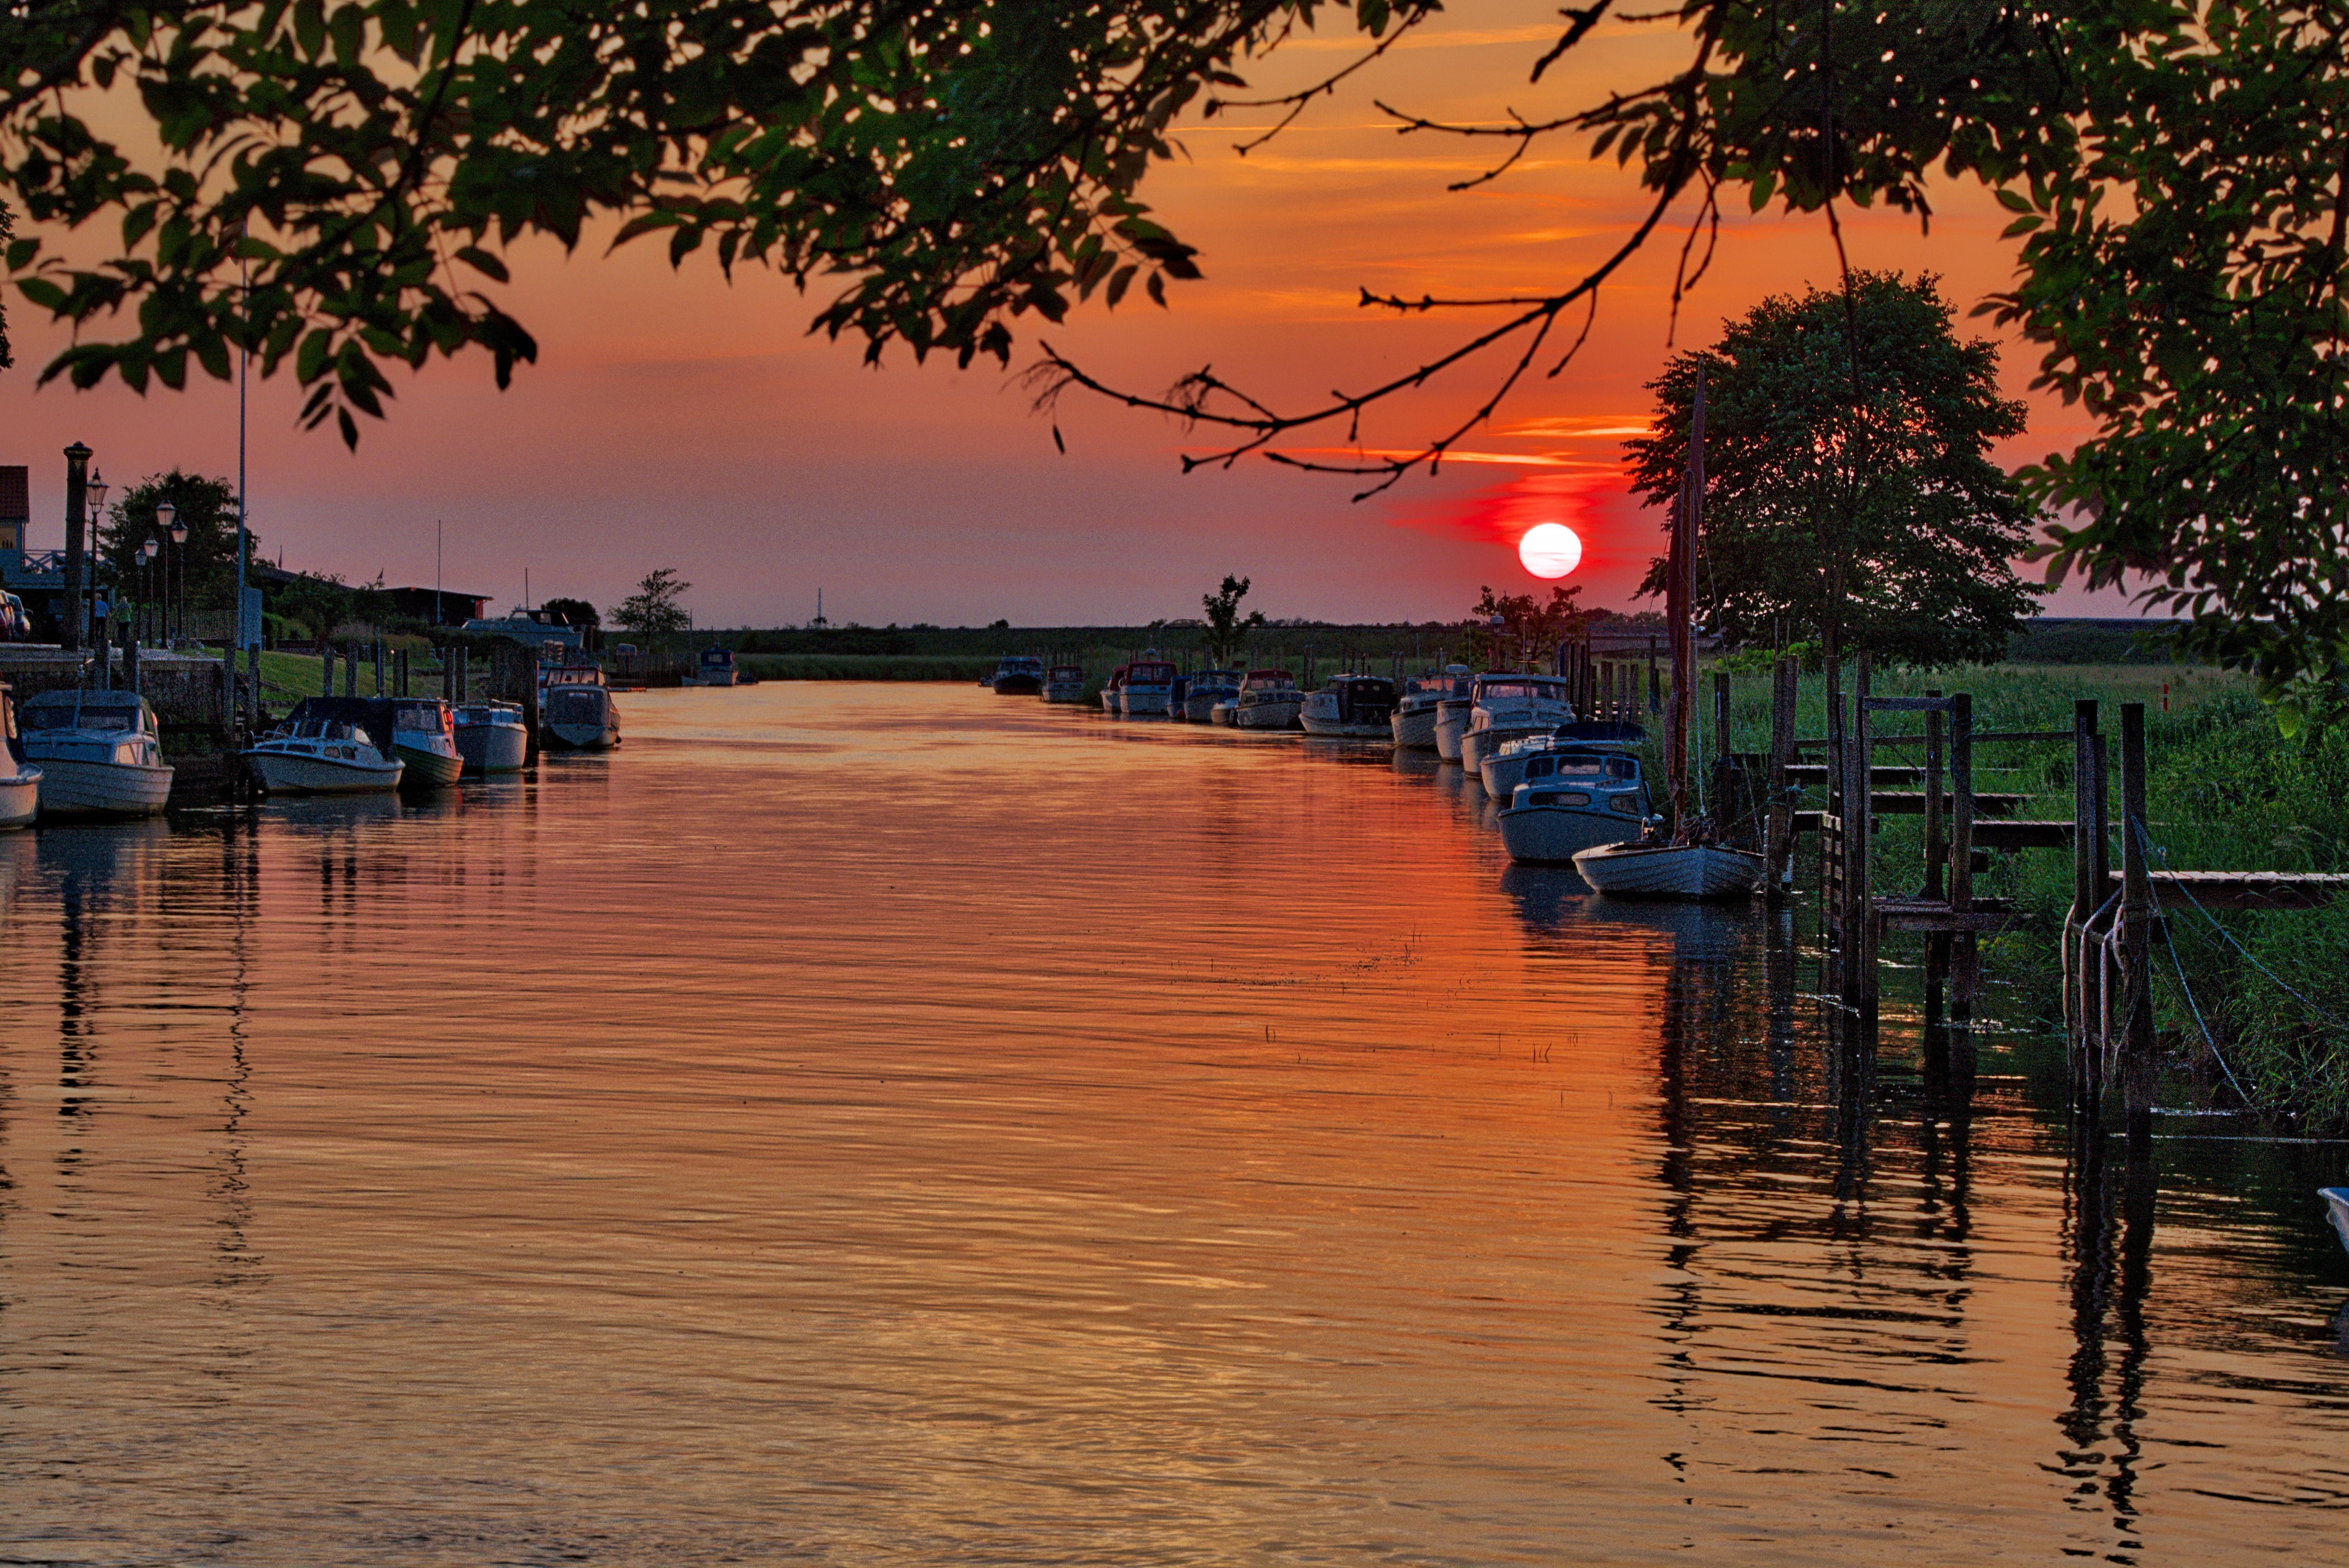 BRUGERBILLEDER Solen er på himlen i mere end 17 timer | Vejret | DR